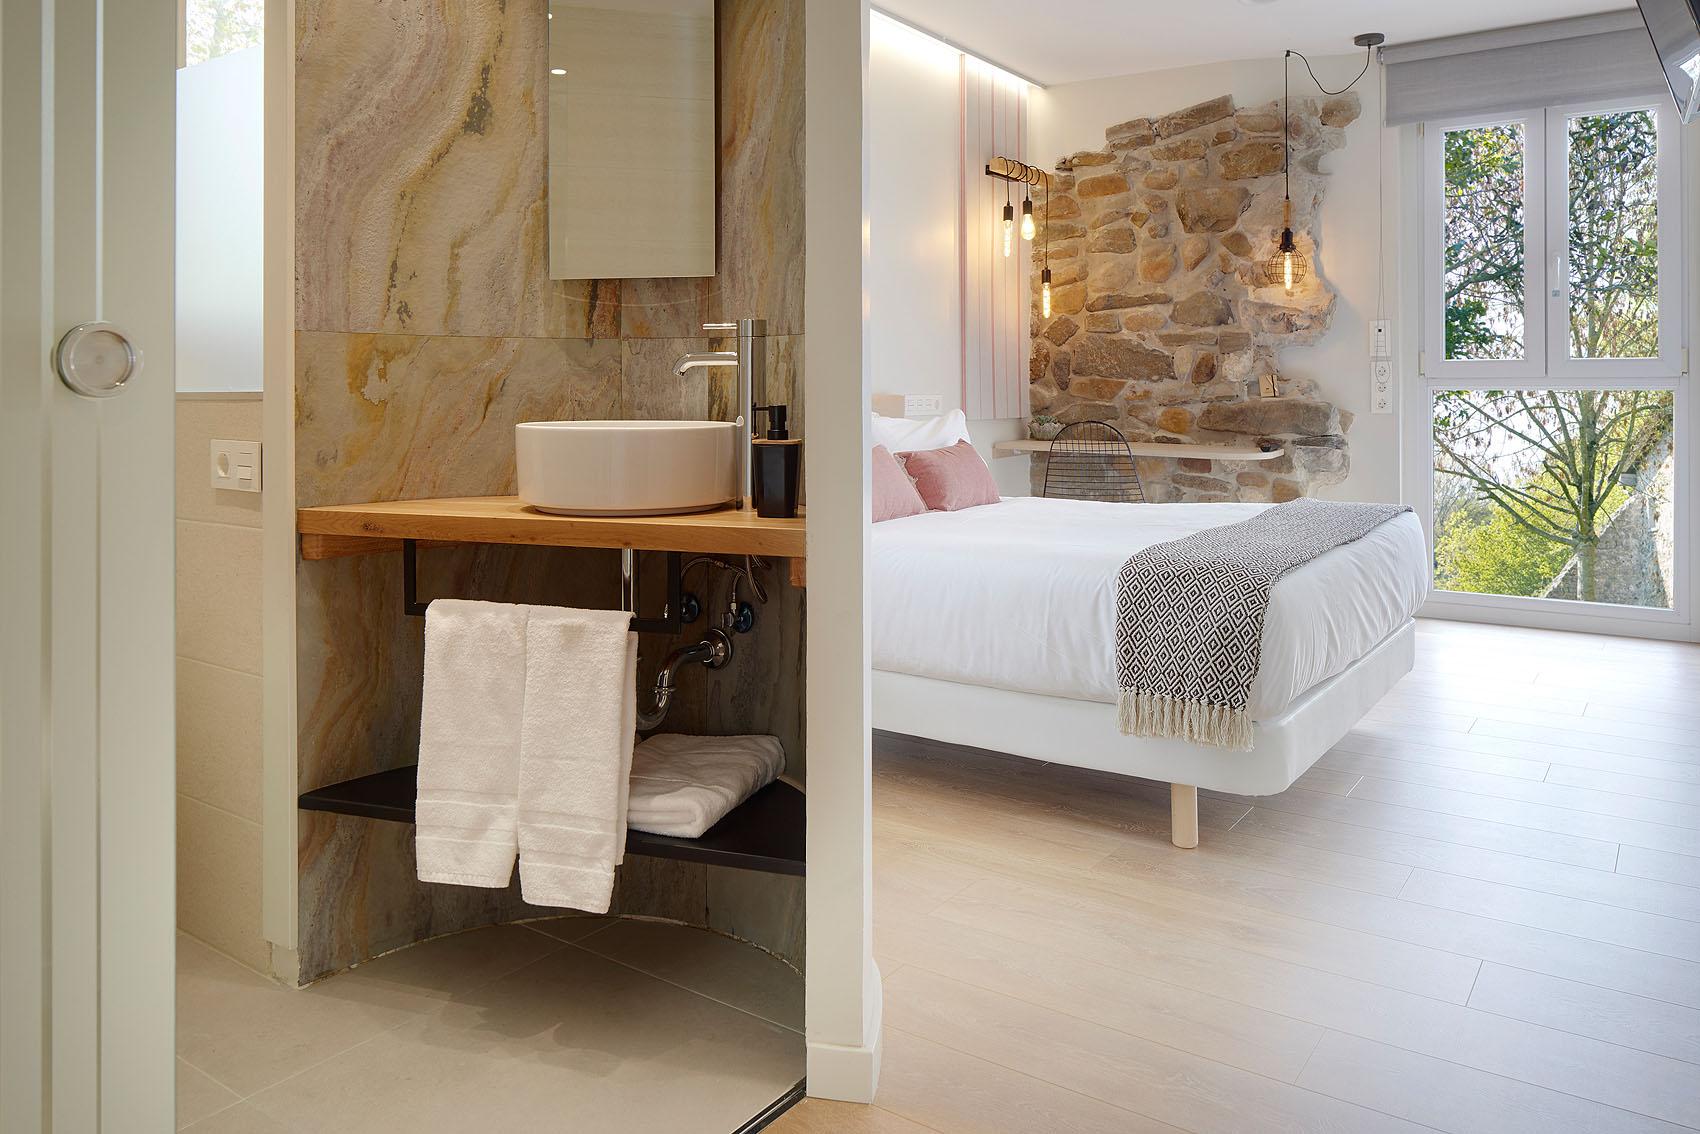 Hotel Unanue Zar - Iñaki Caperochipi - Fotografía